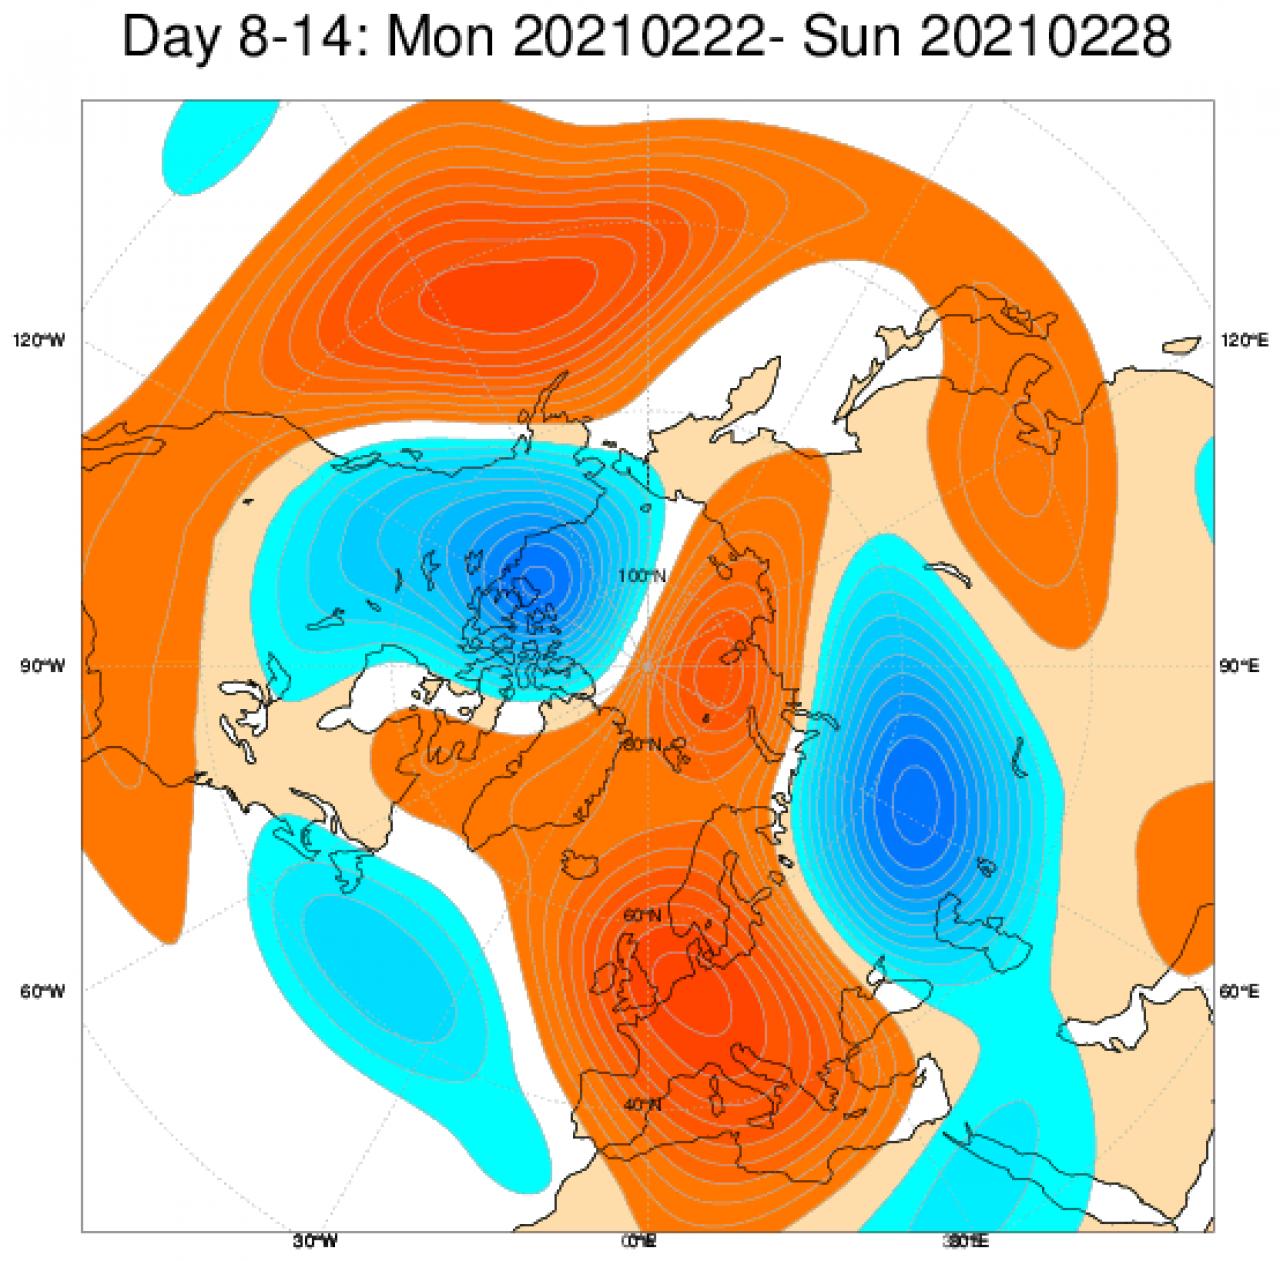 Tendenza meteo 22-28 febbraio: super anticiclone su Mediterraneo ed Europa centrale